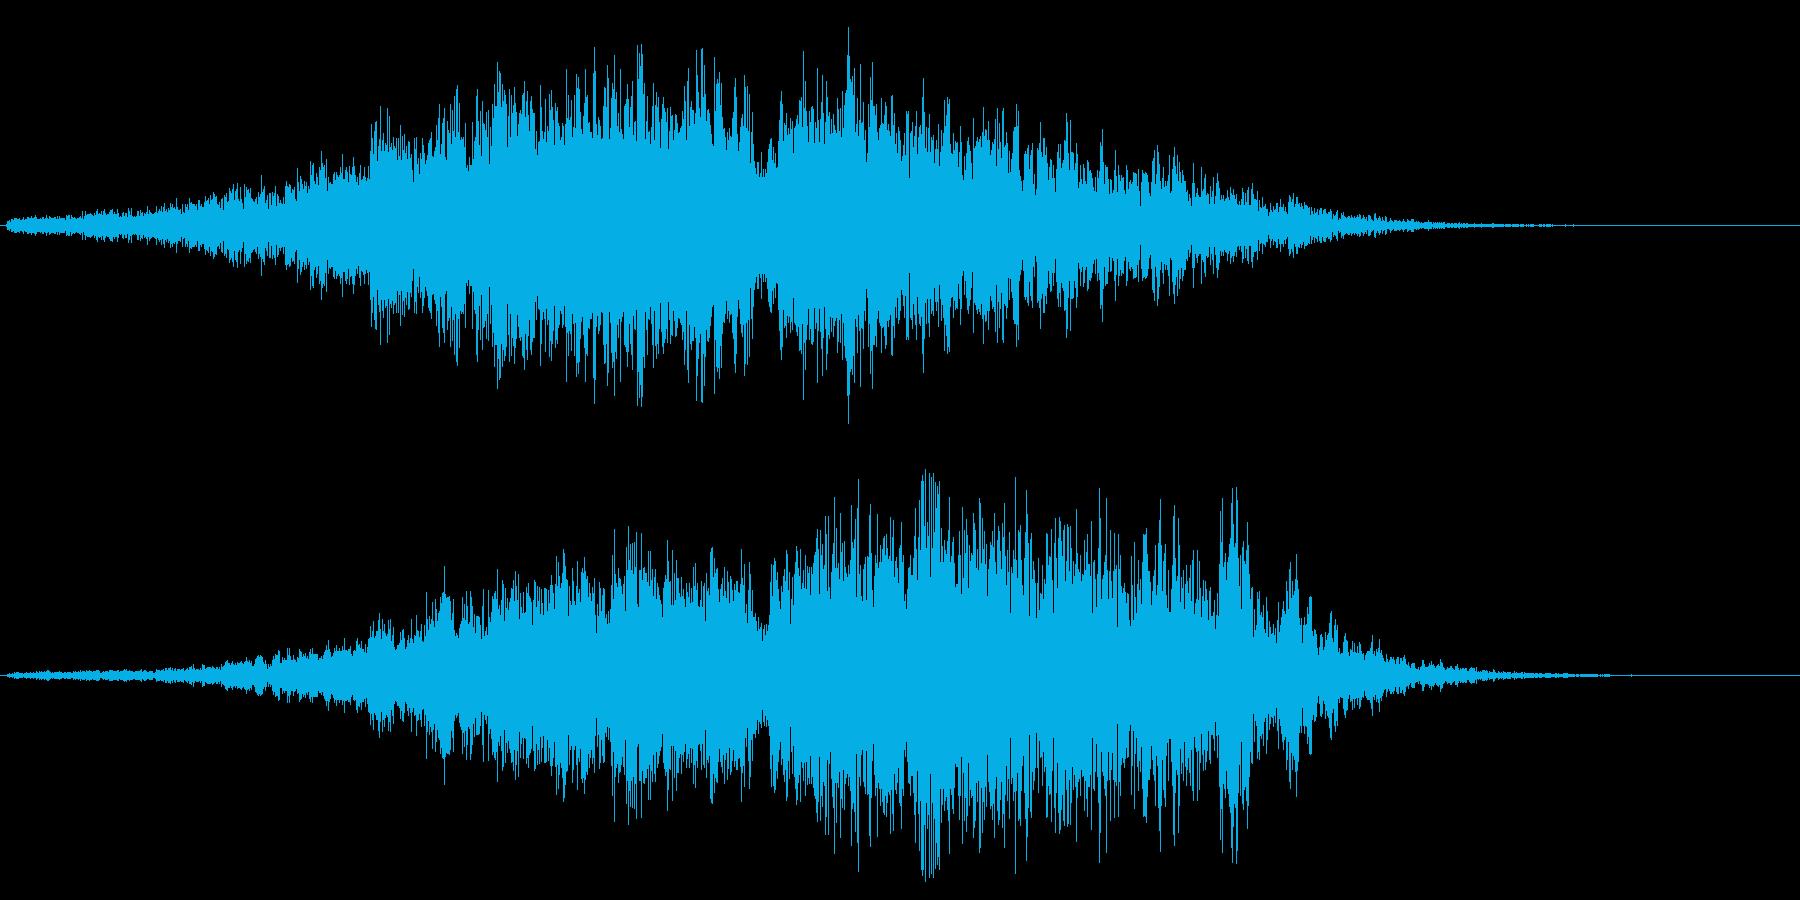 ヒュイーチャコォーン(未知の高速通過音)の再生済みの波形